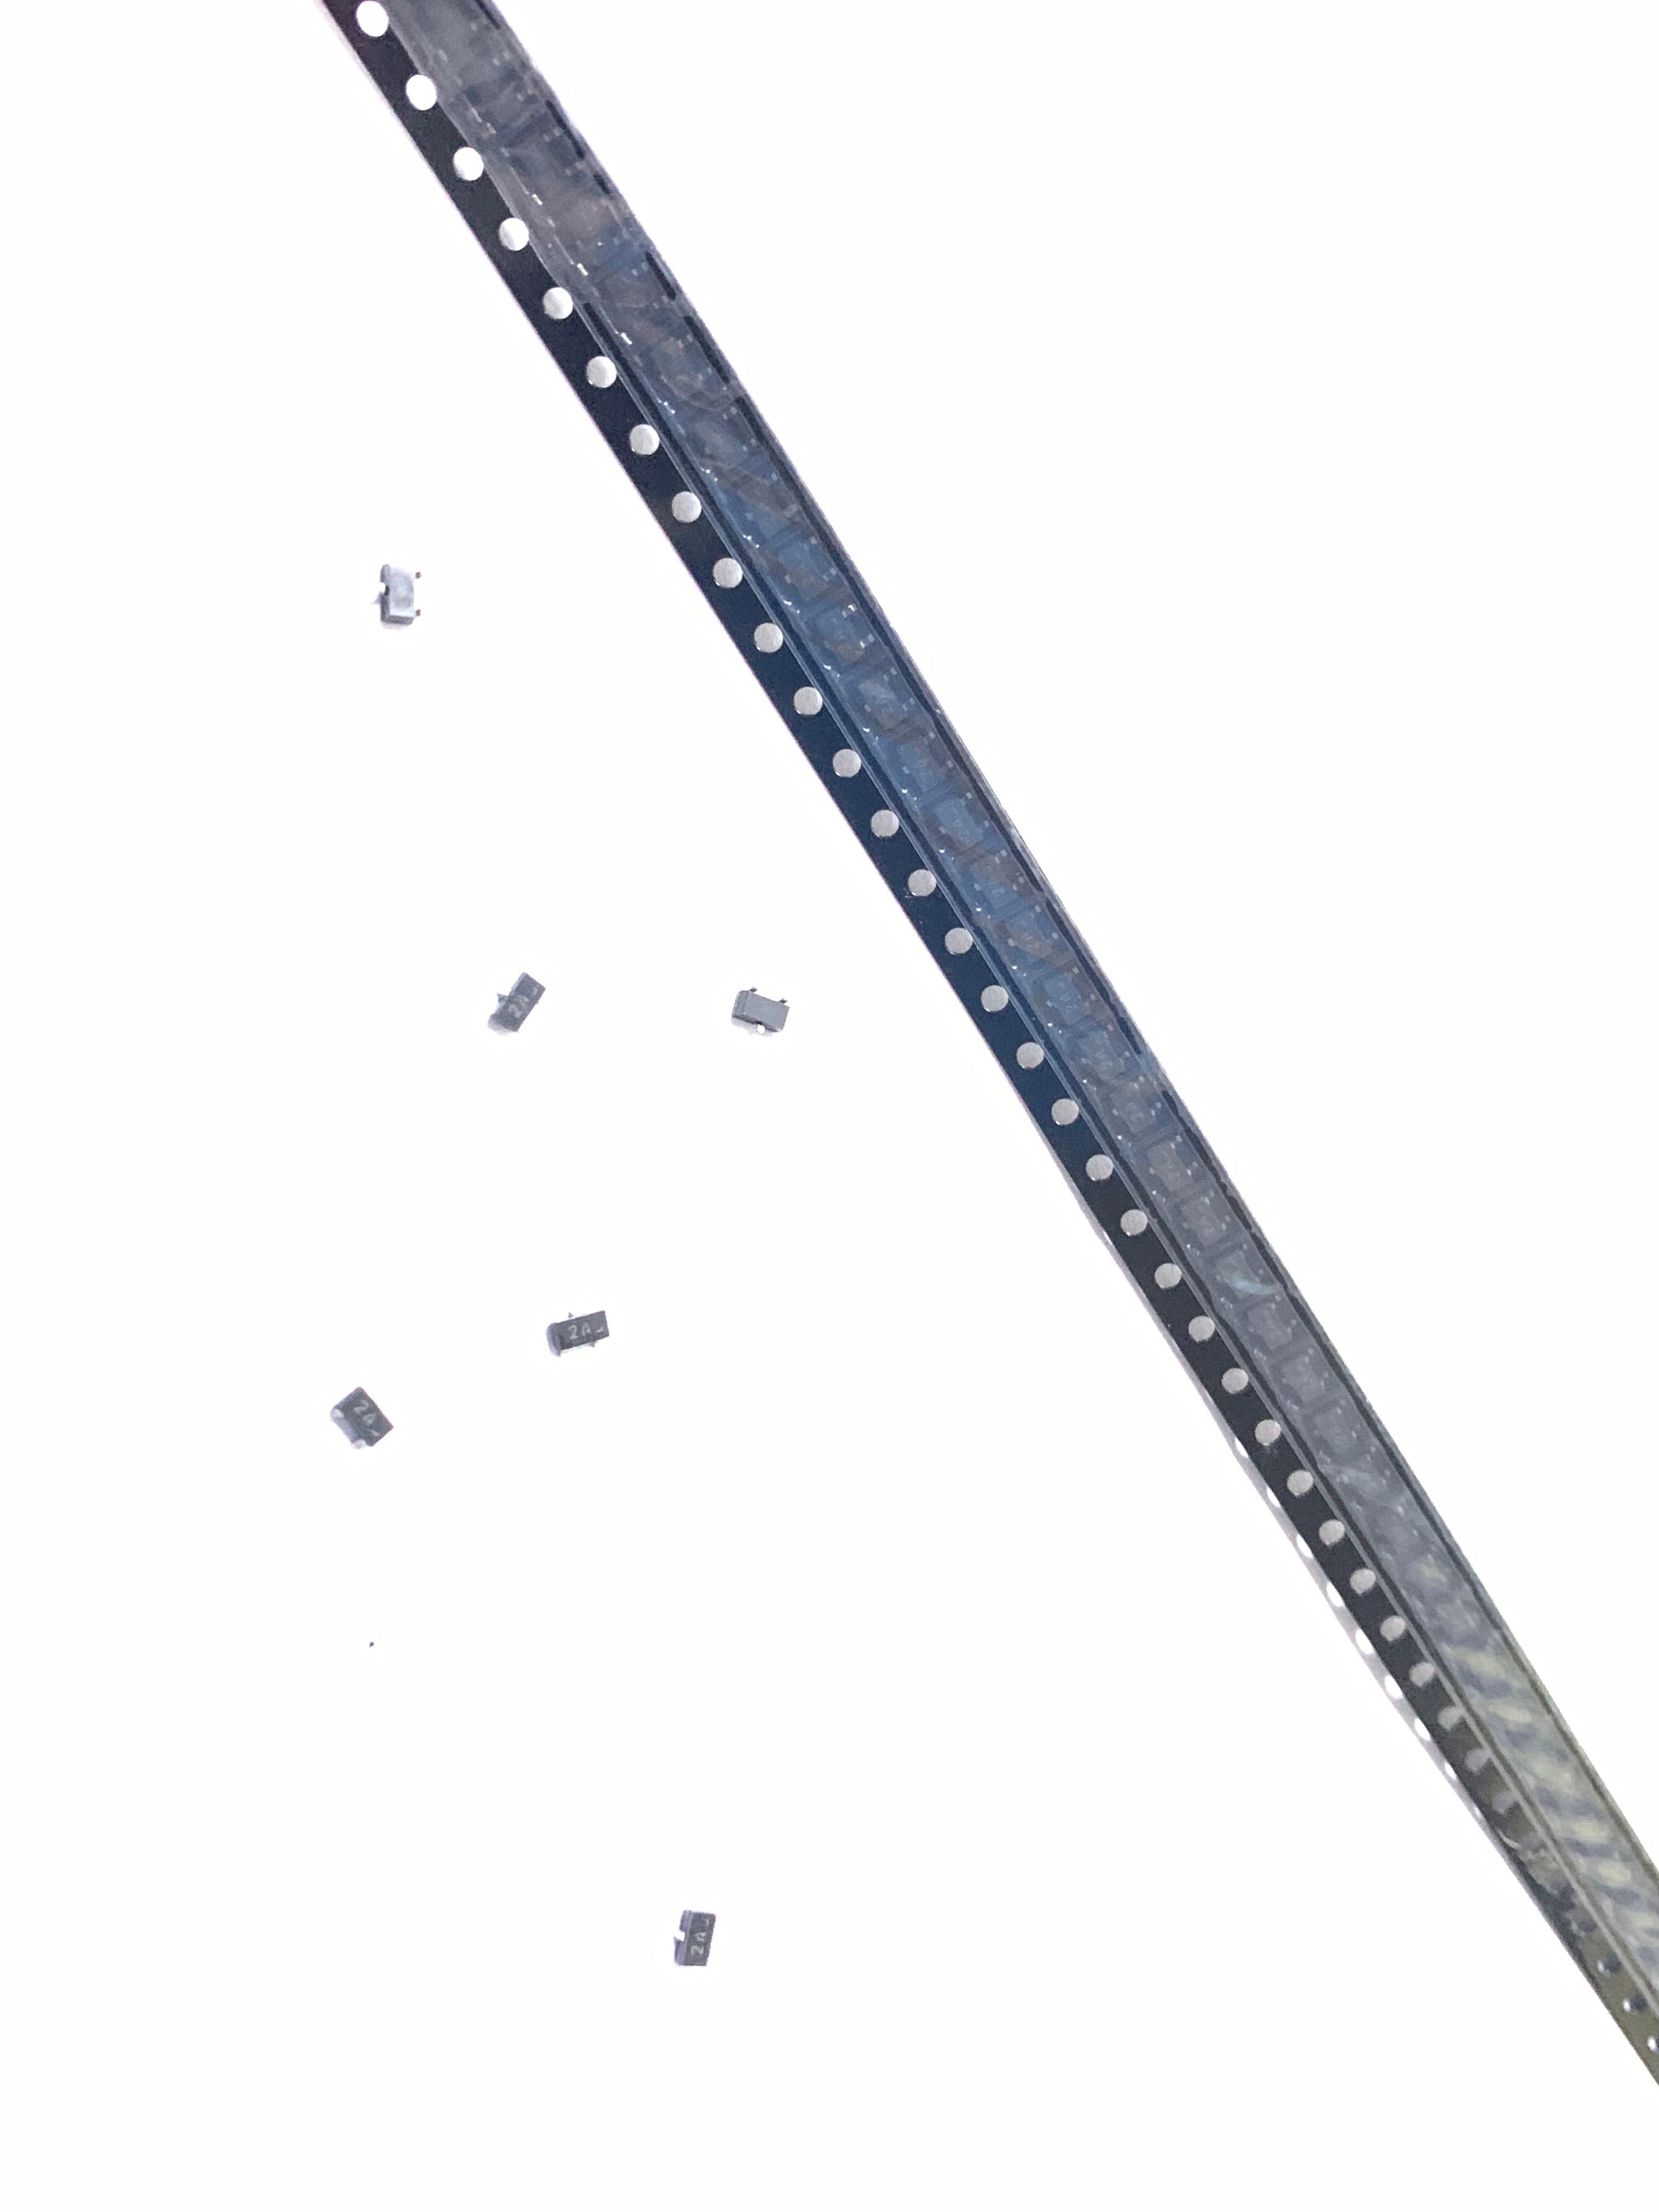 100 шт./лот BC817-25 6B SOT23 Триод (Силовые транзисторы NPN нормальный 1A 45V 6BW)